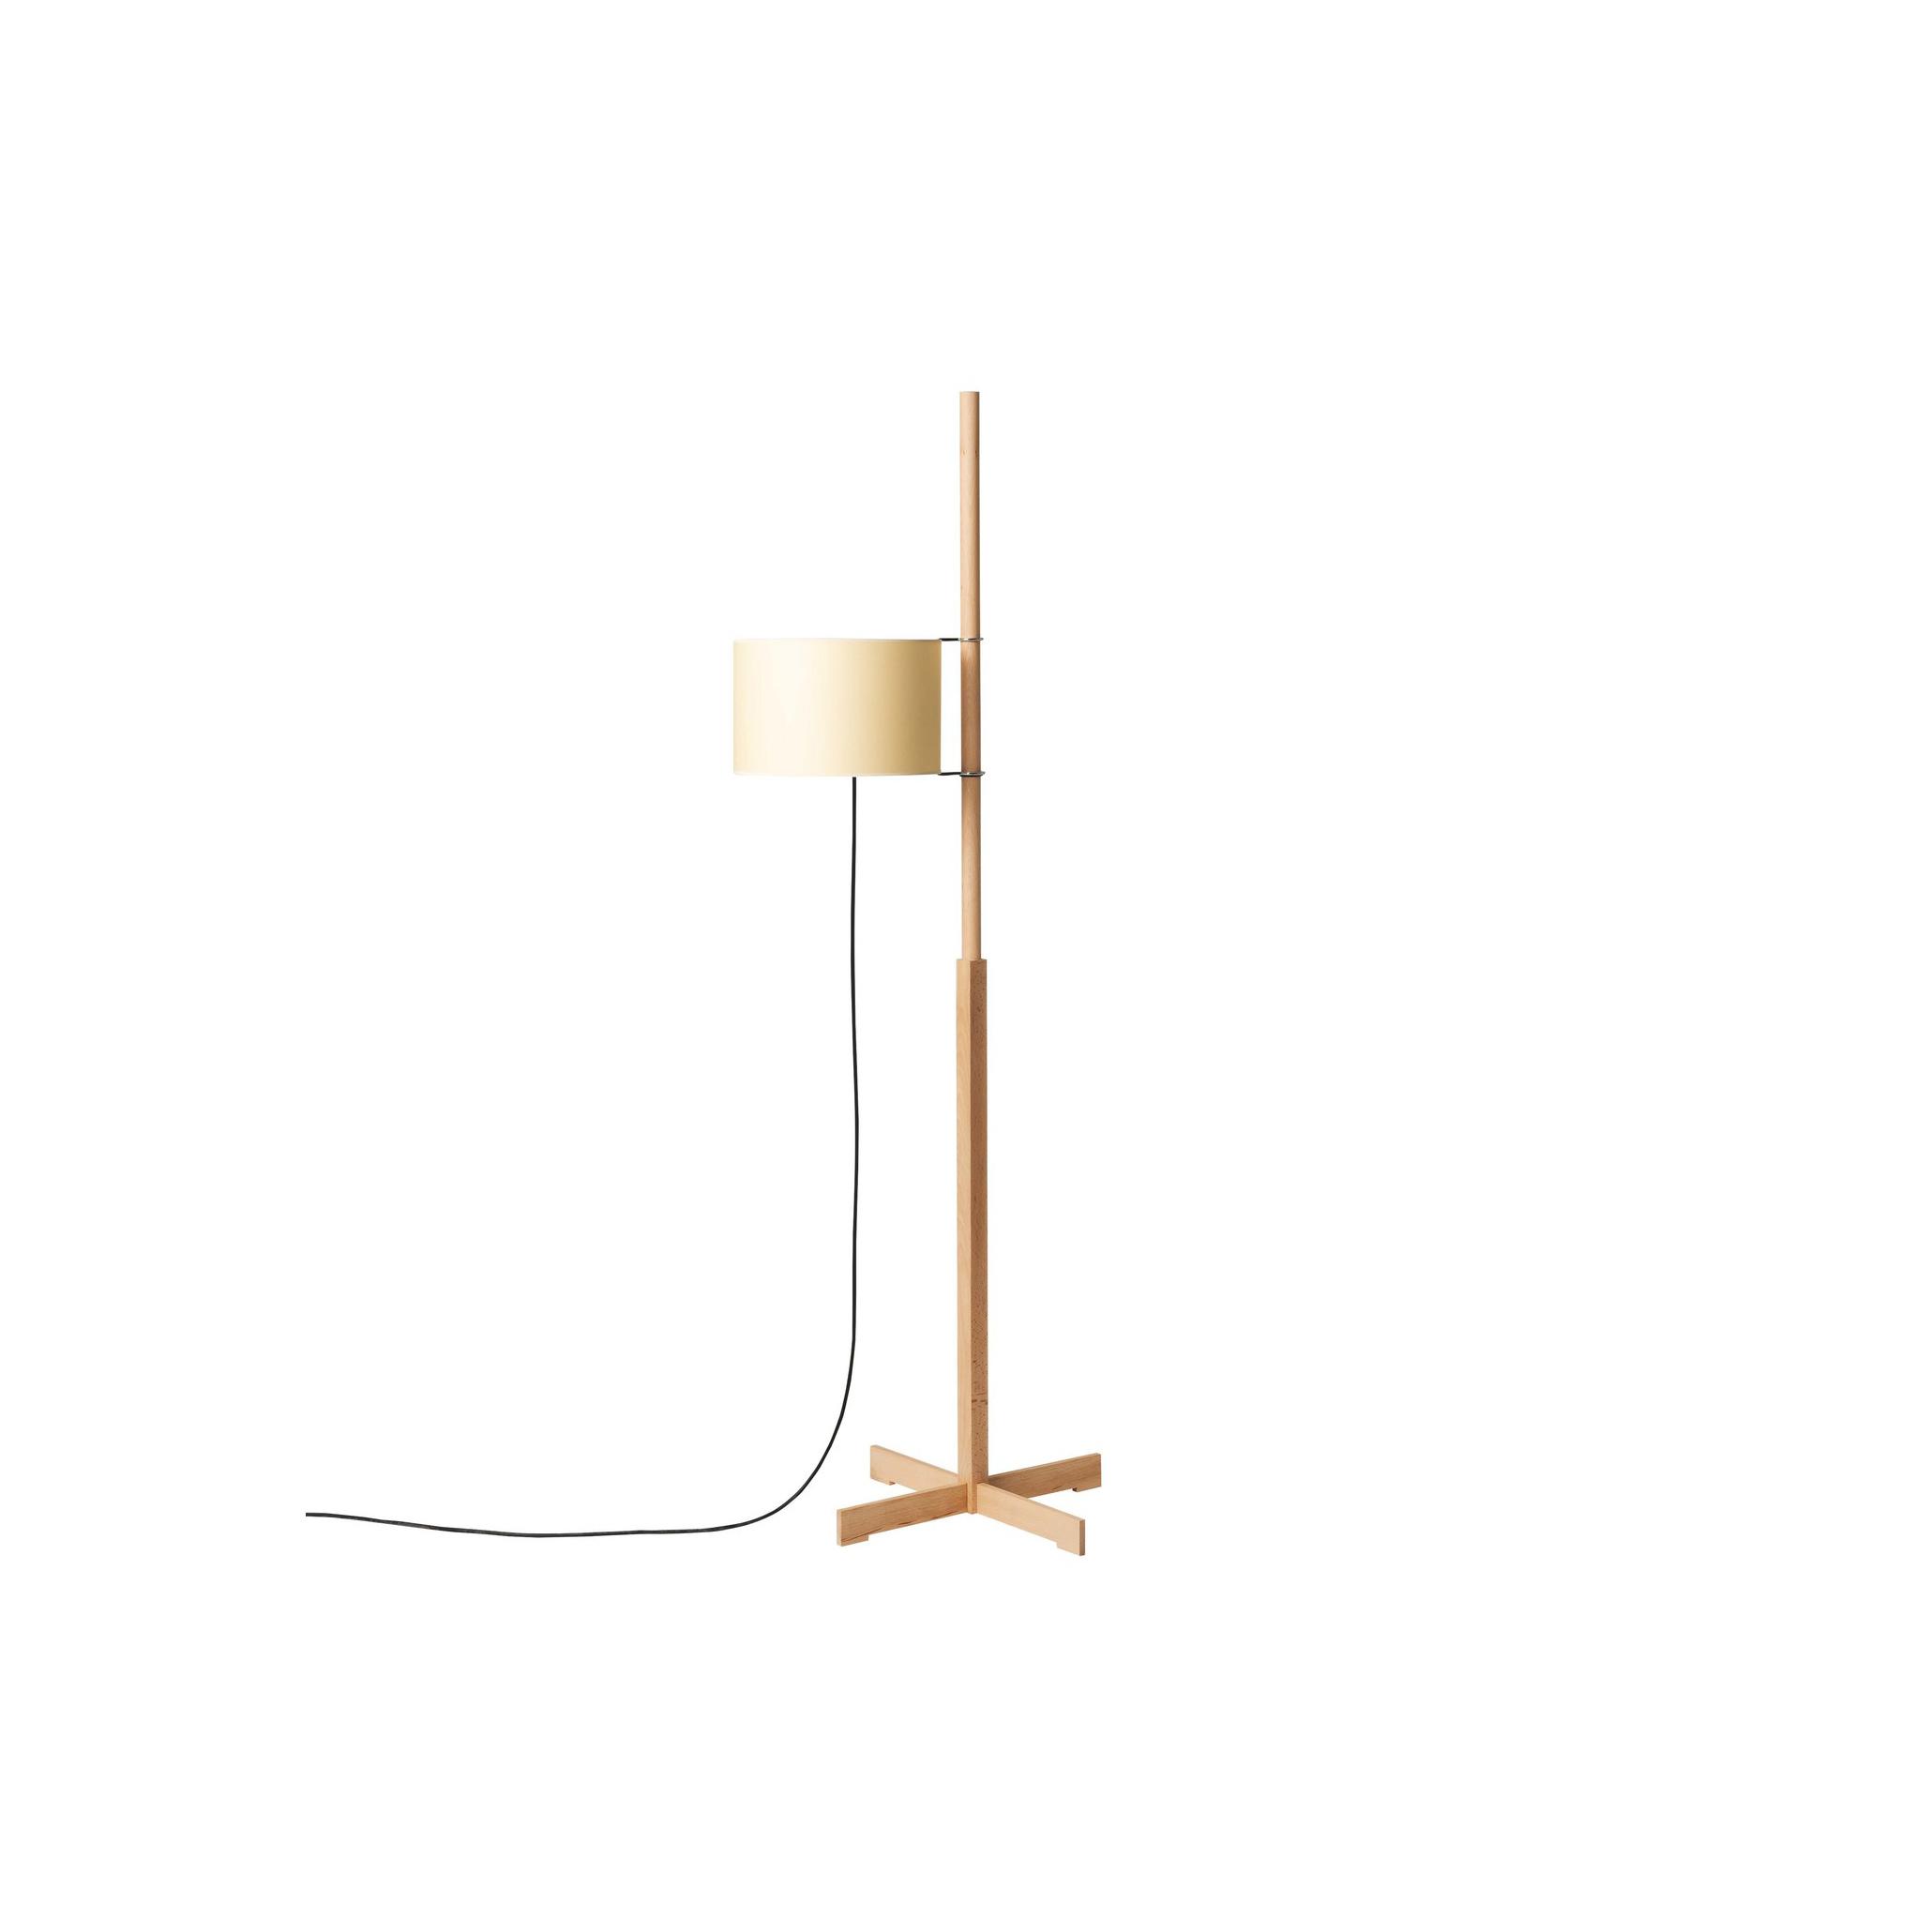 Santa & Cole TMM floor lamp